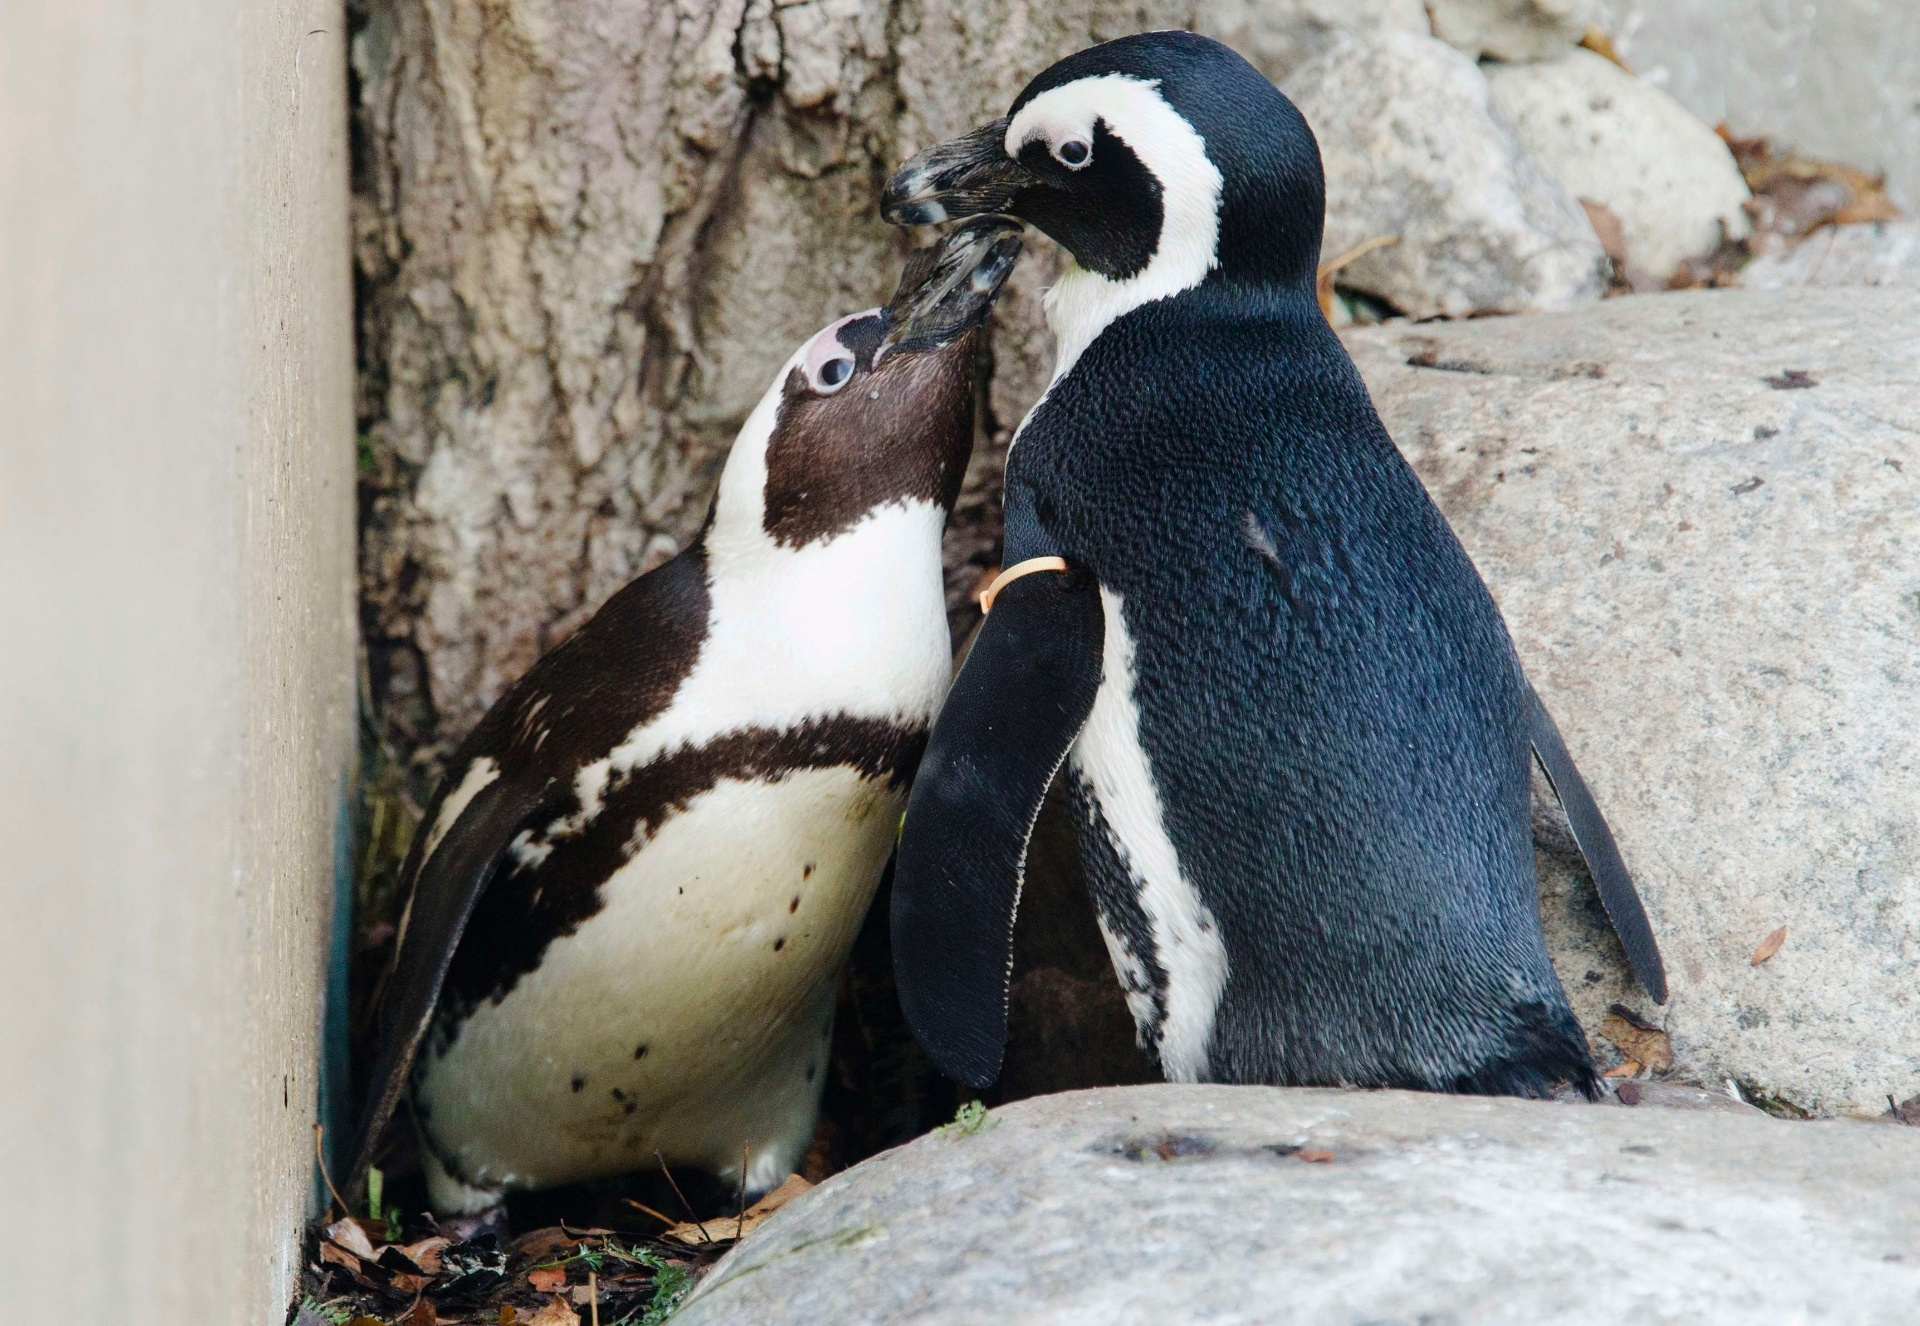 DIÁRIO SEXUAL FOI CENSURAD - O médico e biólogo George Murray Levick, que observou o comportamento dos pinguins entre 1910 e 1913, escreveu um diário da vida sexual desses animais que foi considerado